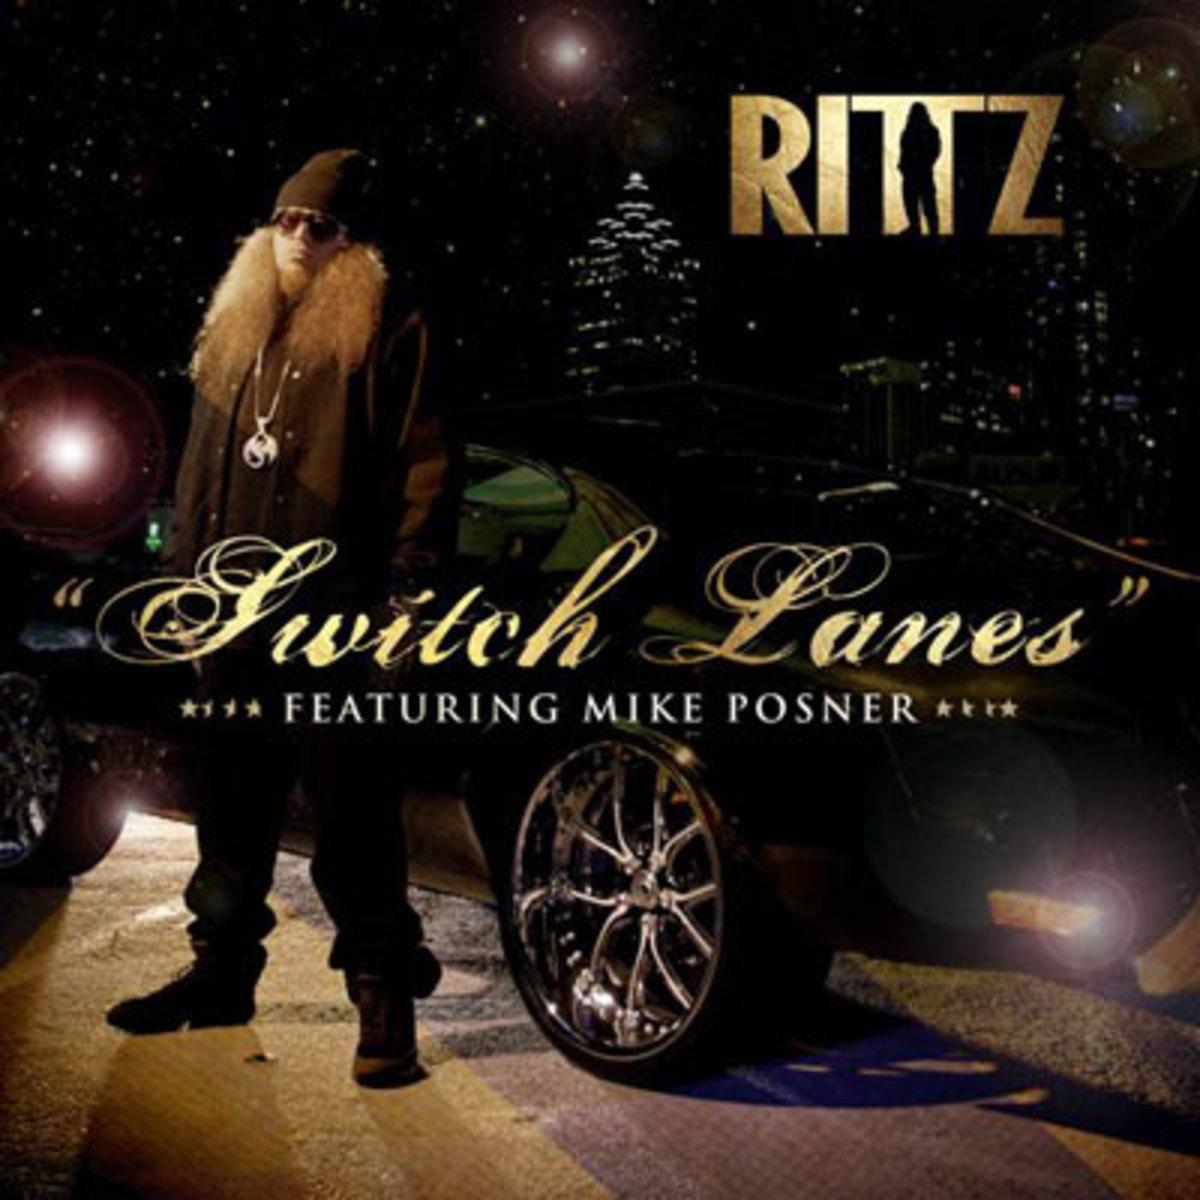 rittz-switchlanes.jpg